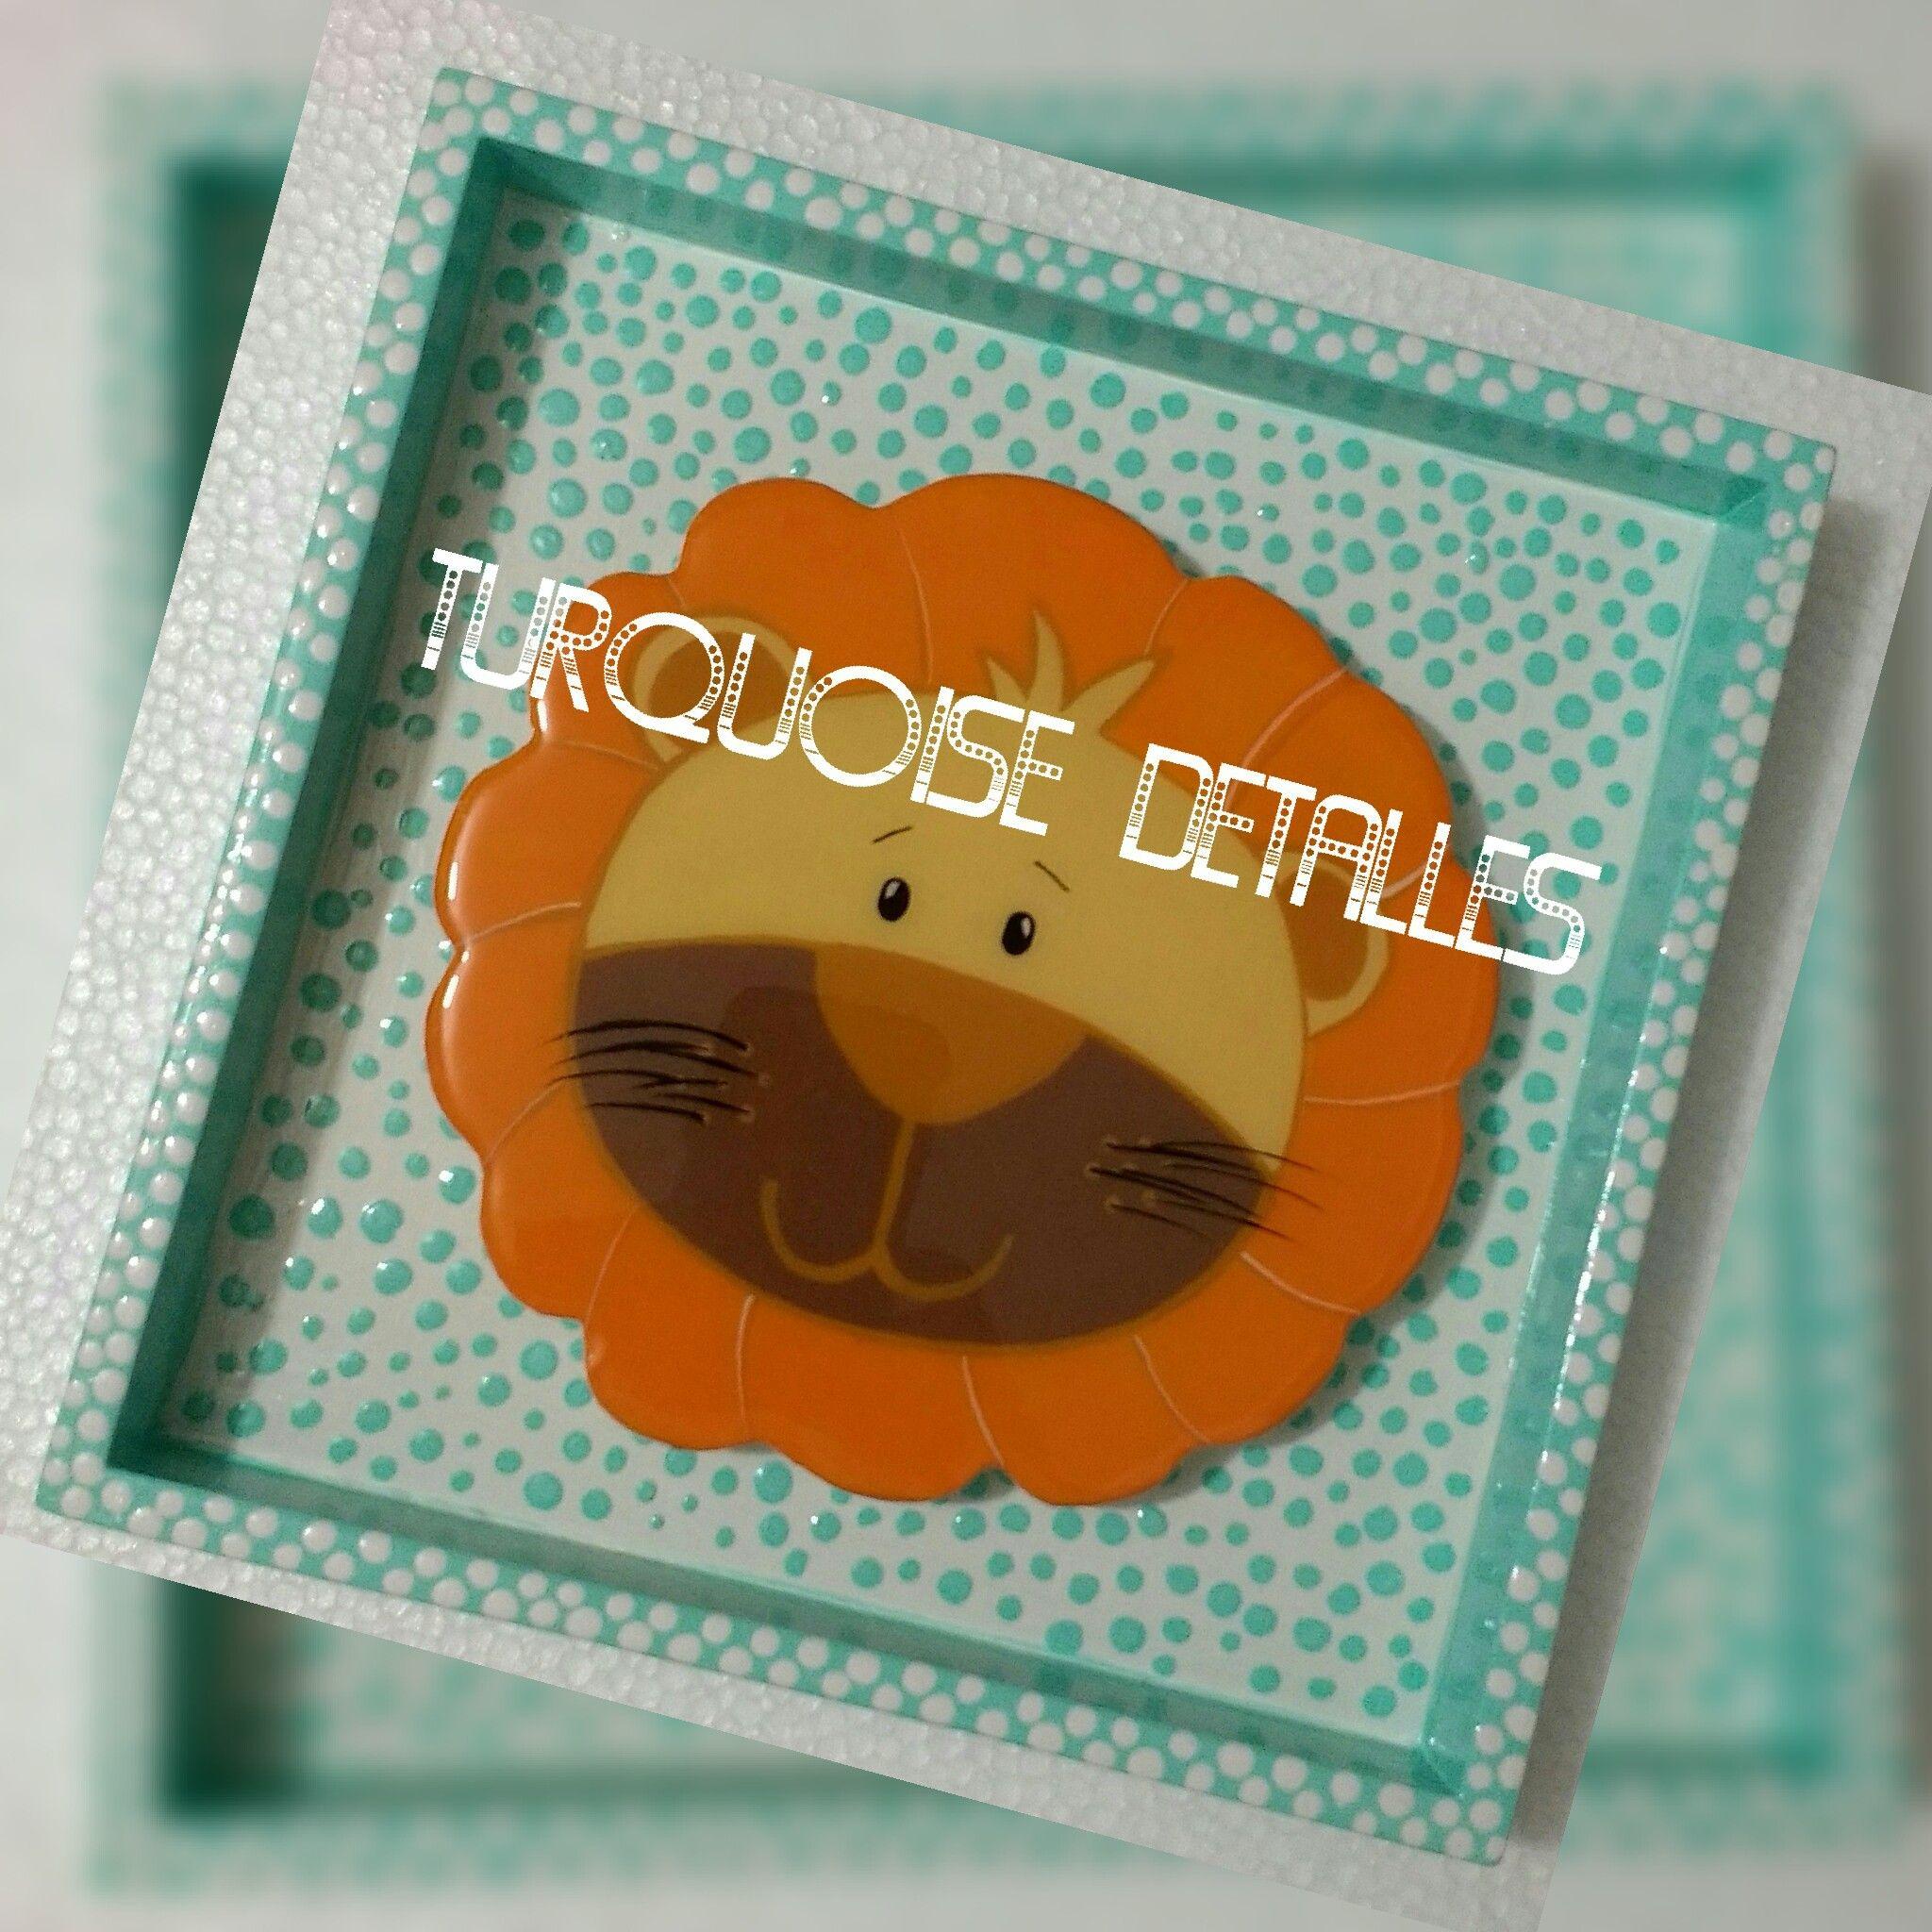 turquoise detalles hermoso cuadro para decorar el cuarto de tu bebe cuadro en tecnica puntillismo